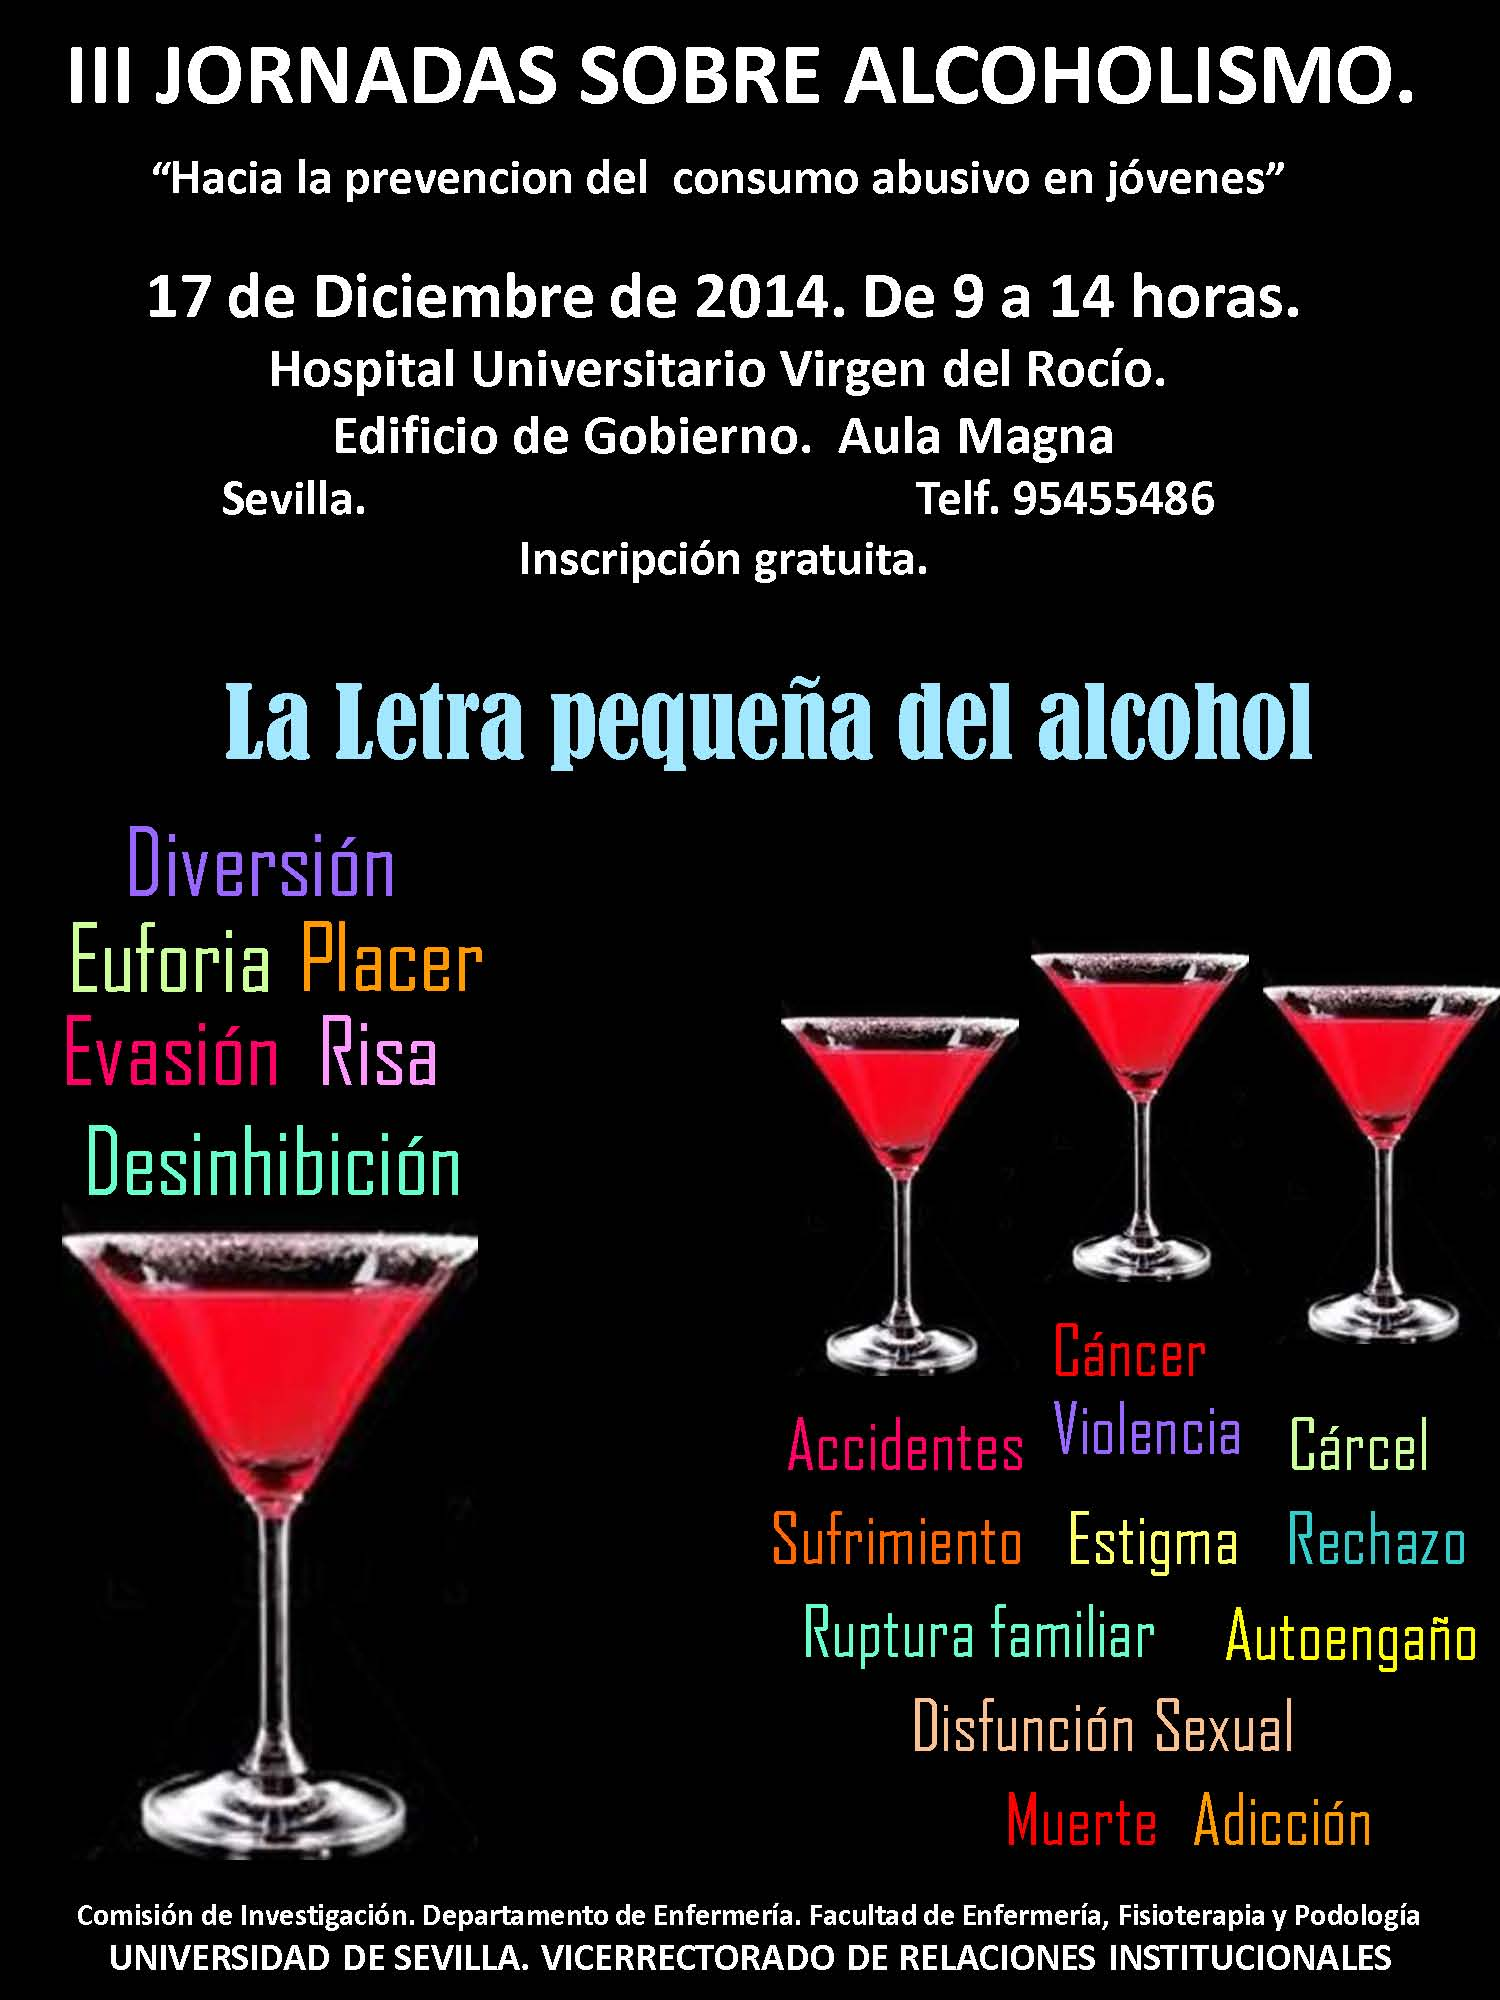 Las consecuencias del alcoholismo al sistema nervioso